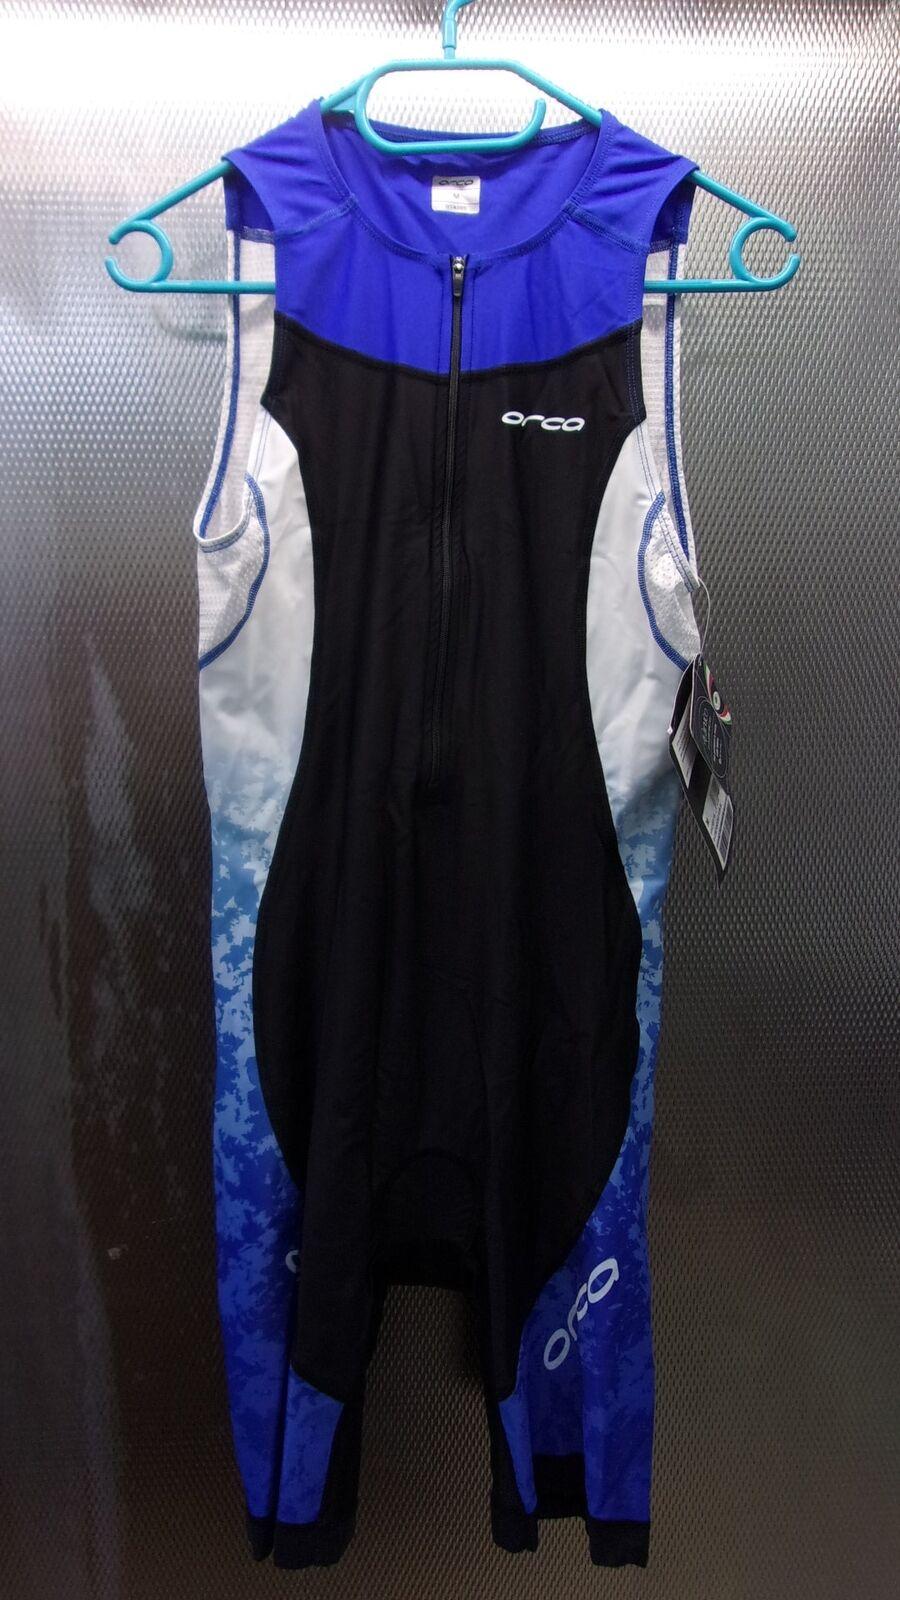 Core Race Suit Herren Orca Größe M Farbe schwarz/blau Rechnung V00308